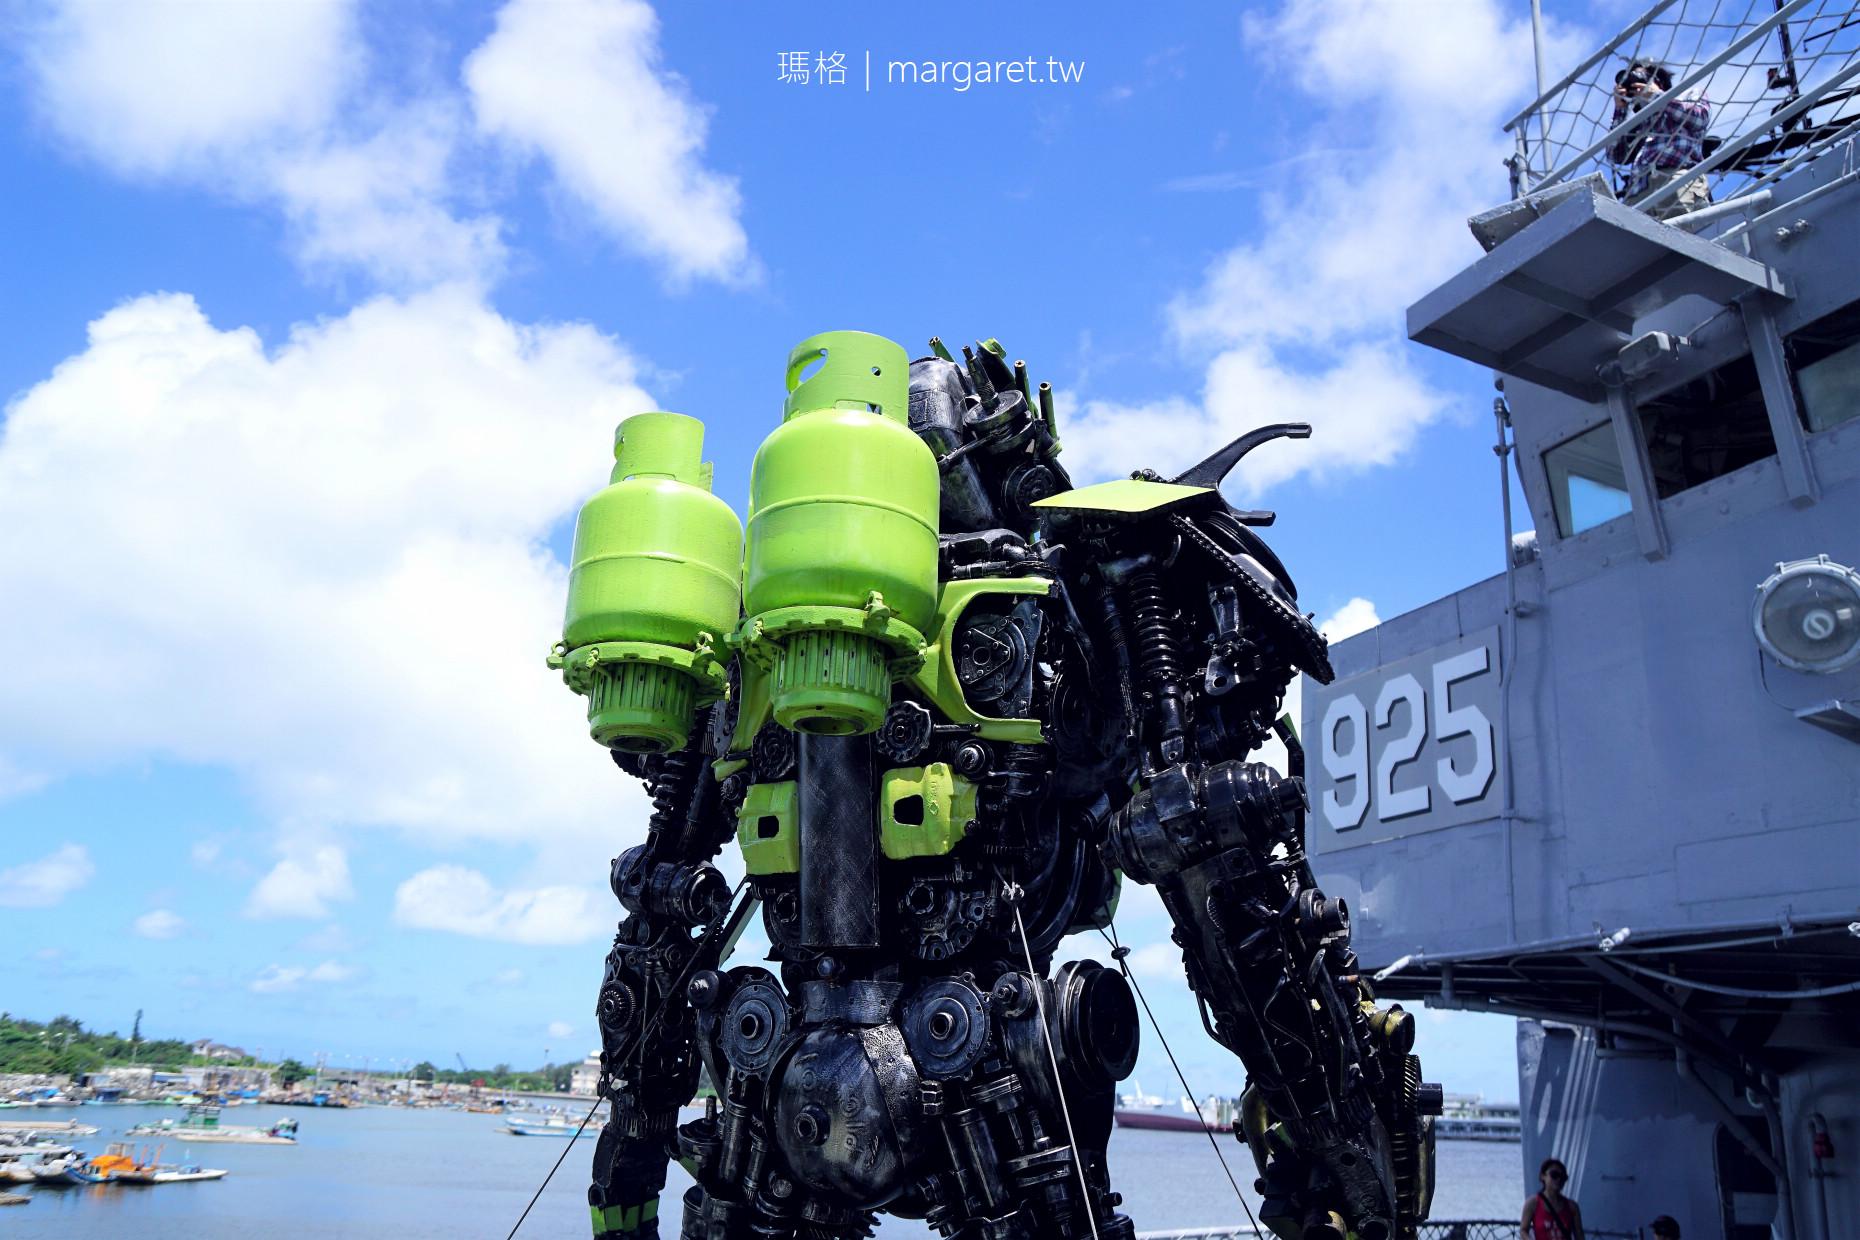 安平定情碼頭德陽艦園區。全台唯一軍艦博物館|鋼鐵機器人特展。套裝門票限時92折